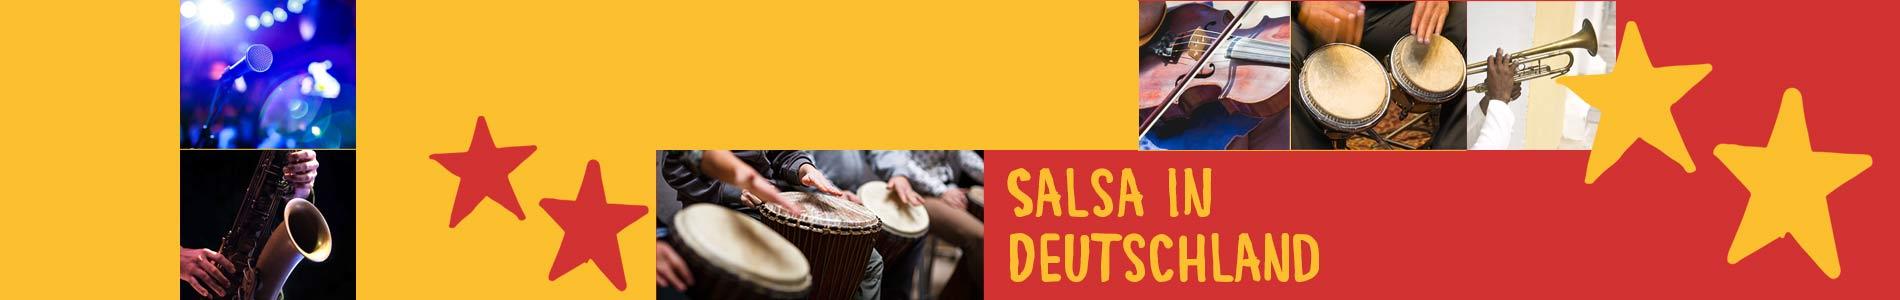 Salsa in Burkardroth – Salsa lernen und tanzen, Tanzkurse, Partys, Veranstaltungen